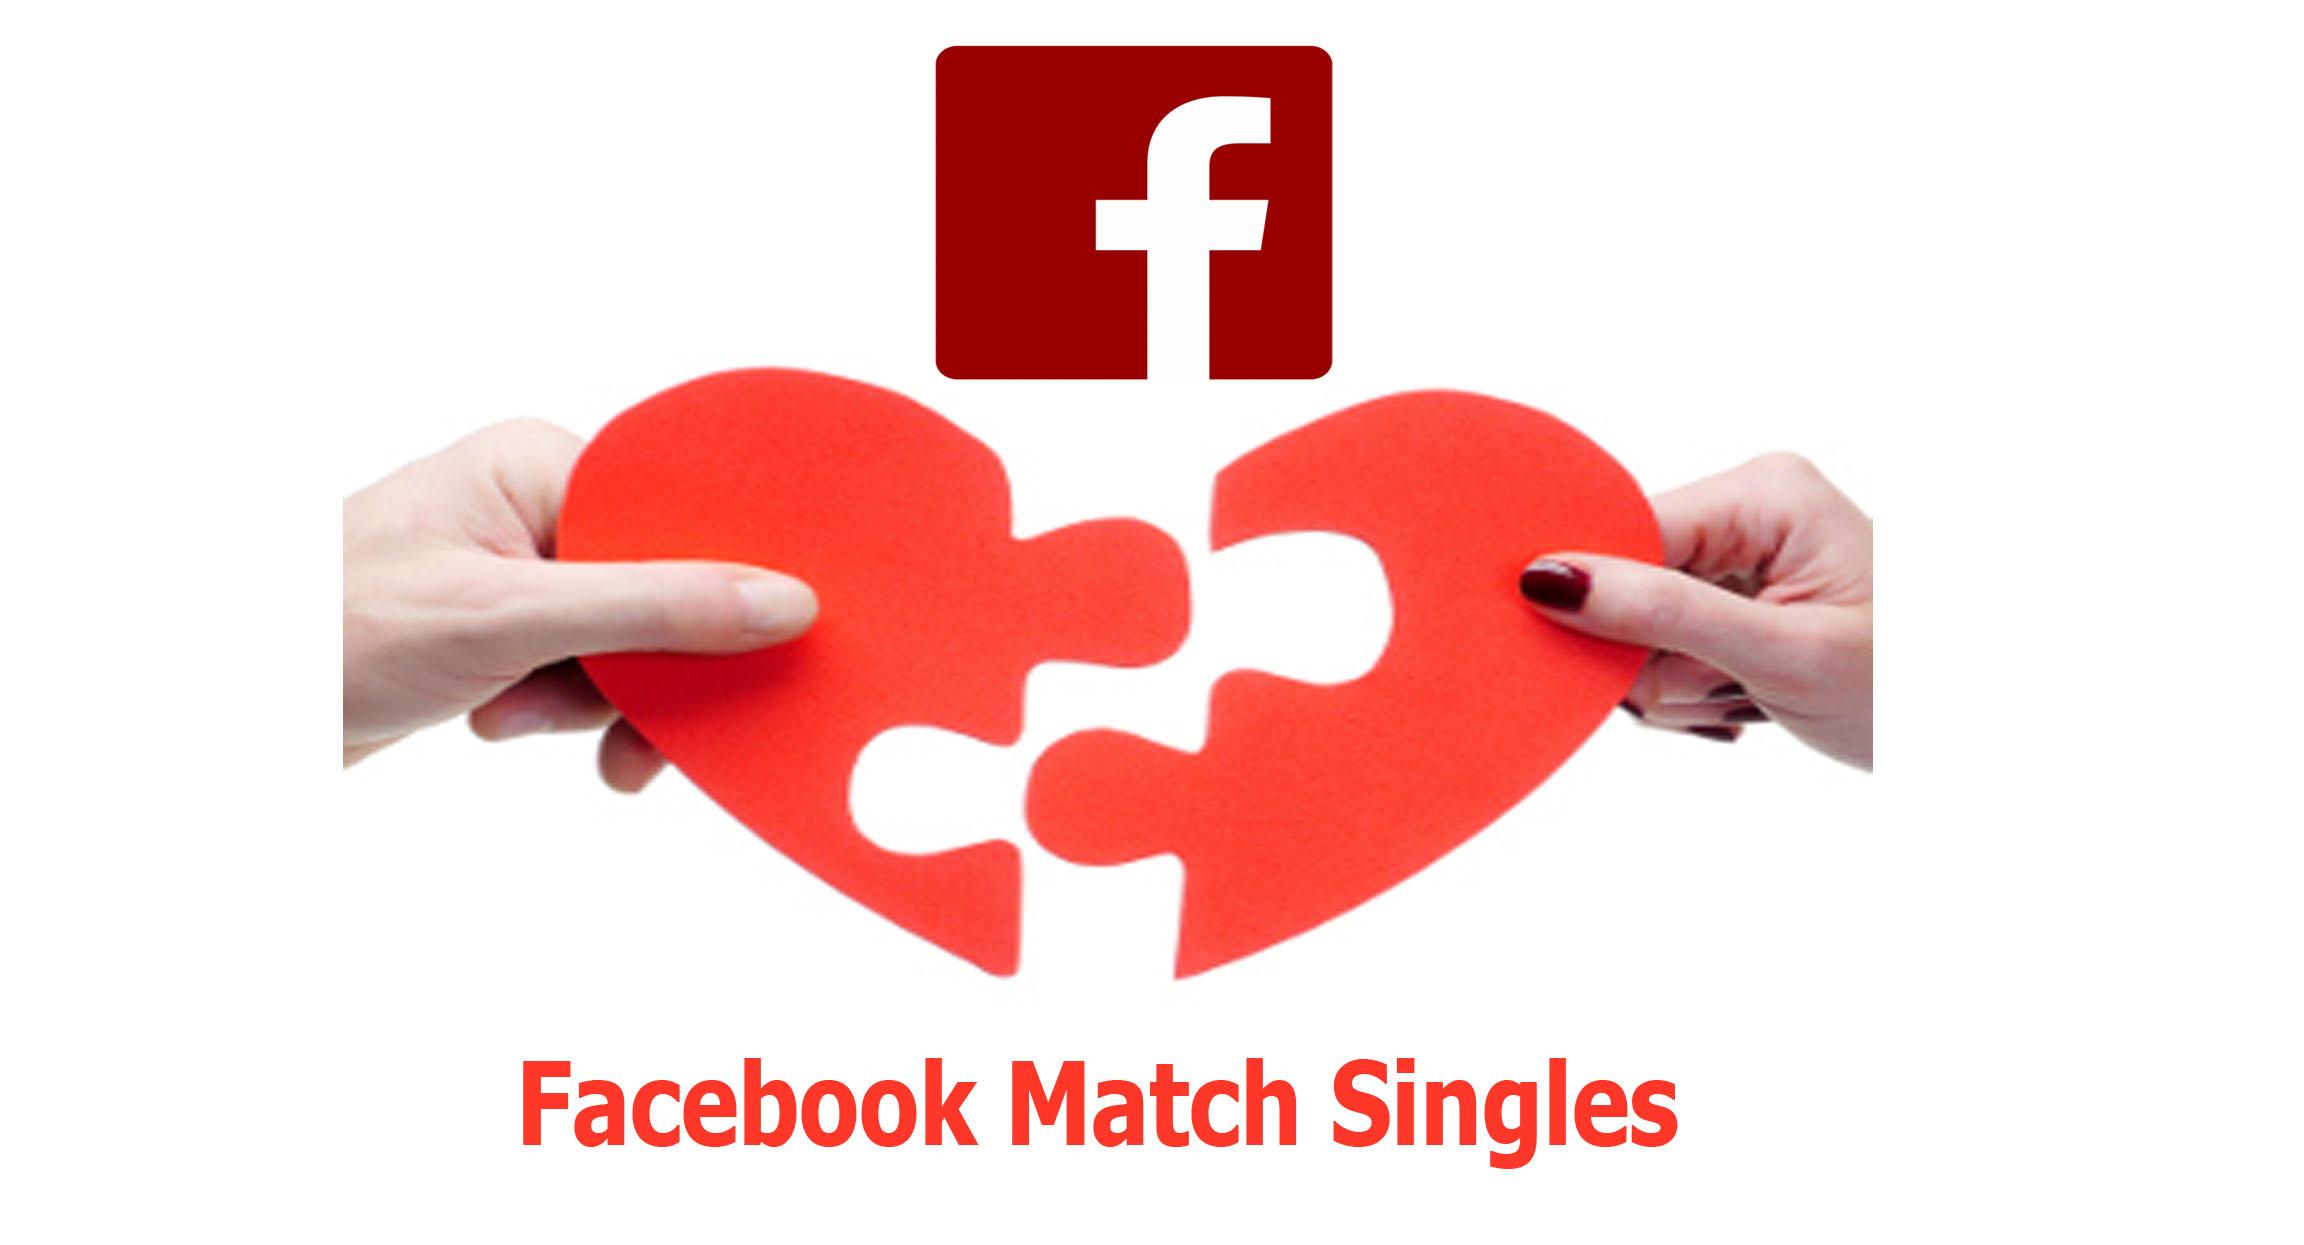 Facebook Match Singles – Facebook Match Maker